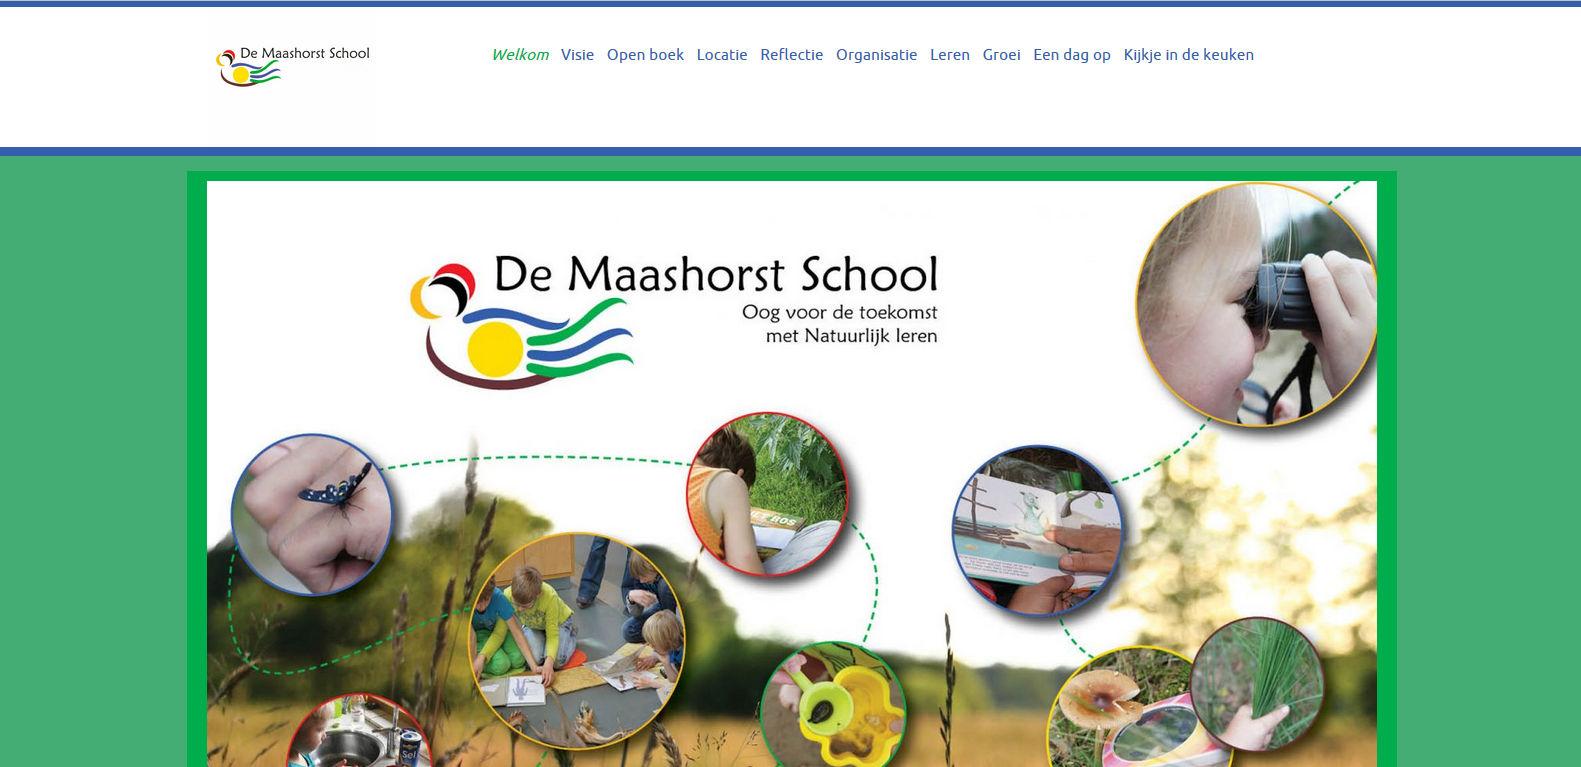 De Maashorst School